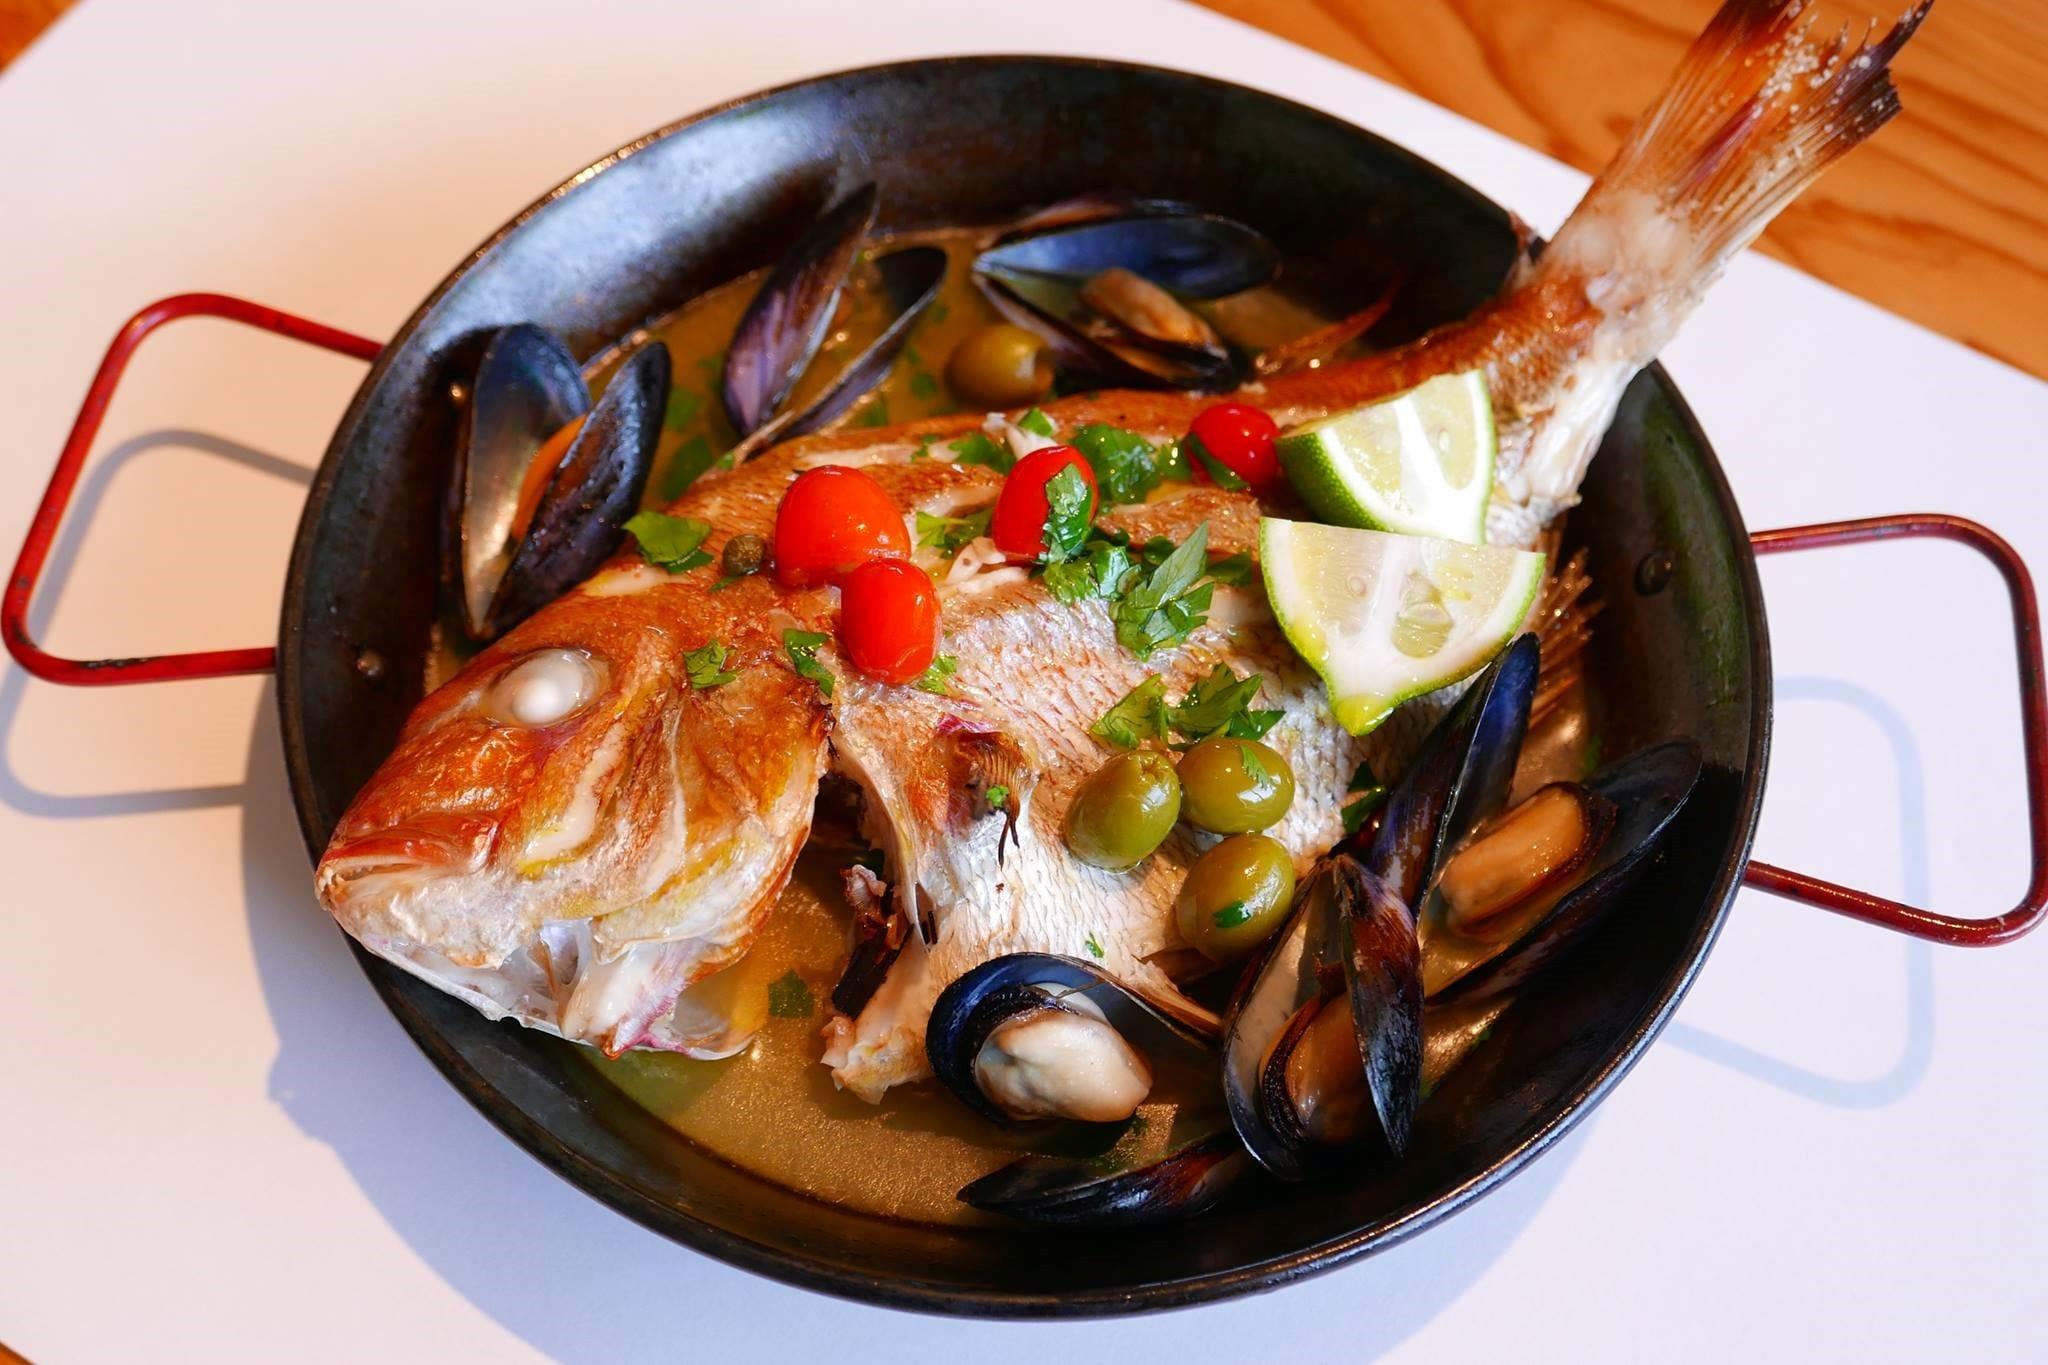 阿久根市の魚と鎌倉市の食材でつくる「アクネパッツァ」。15〜18時の「北薩摩鮮魚店」で食べることができます。